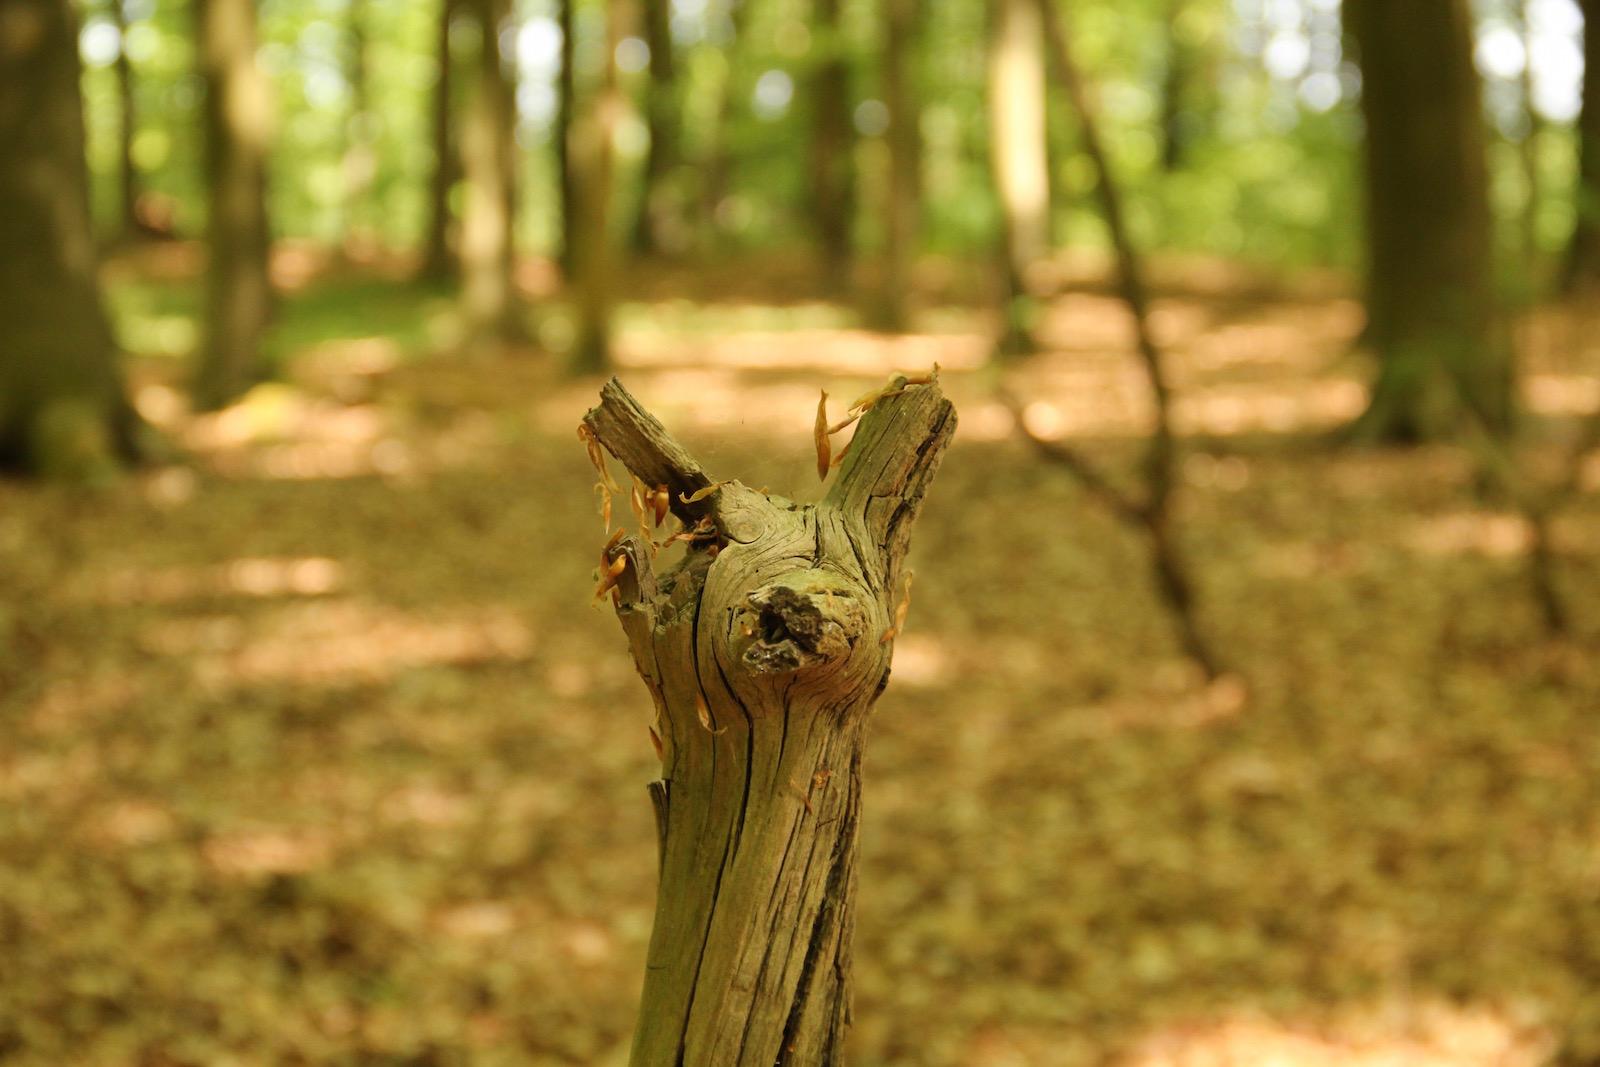 Baumstamm, der einem Reh gleicht